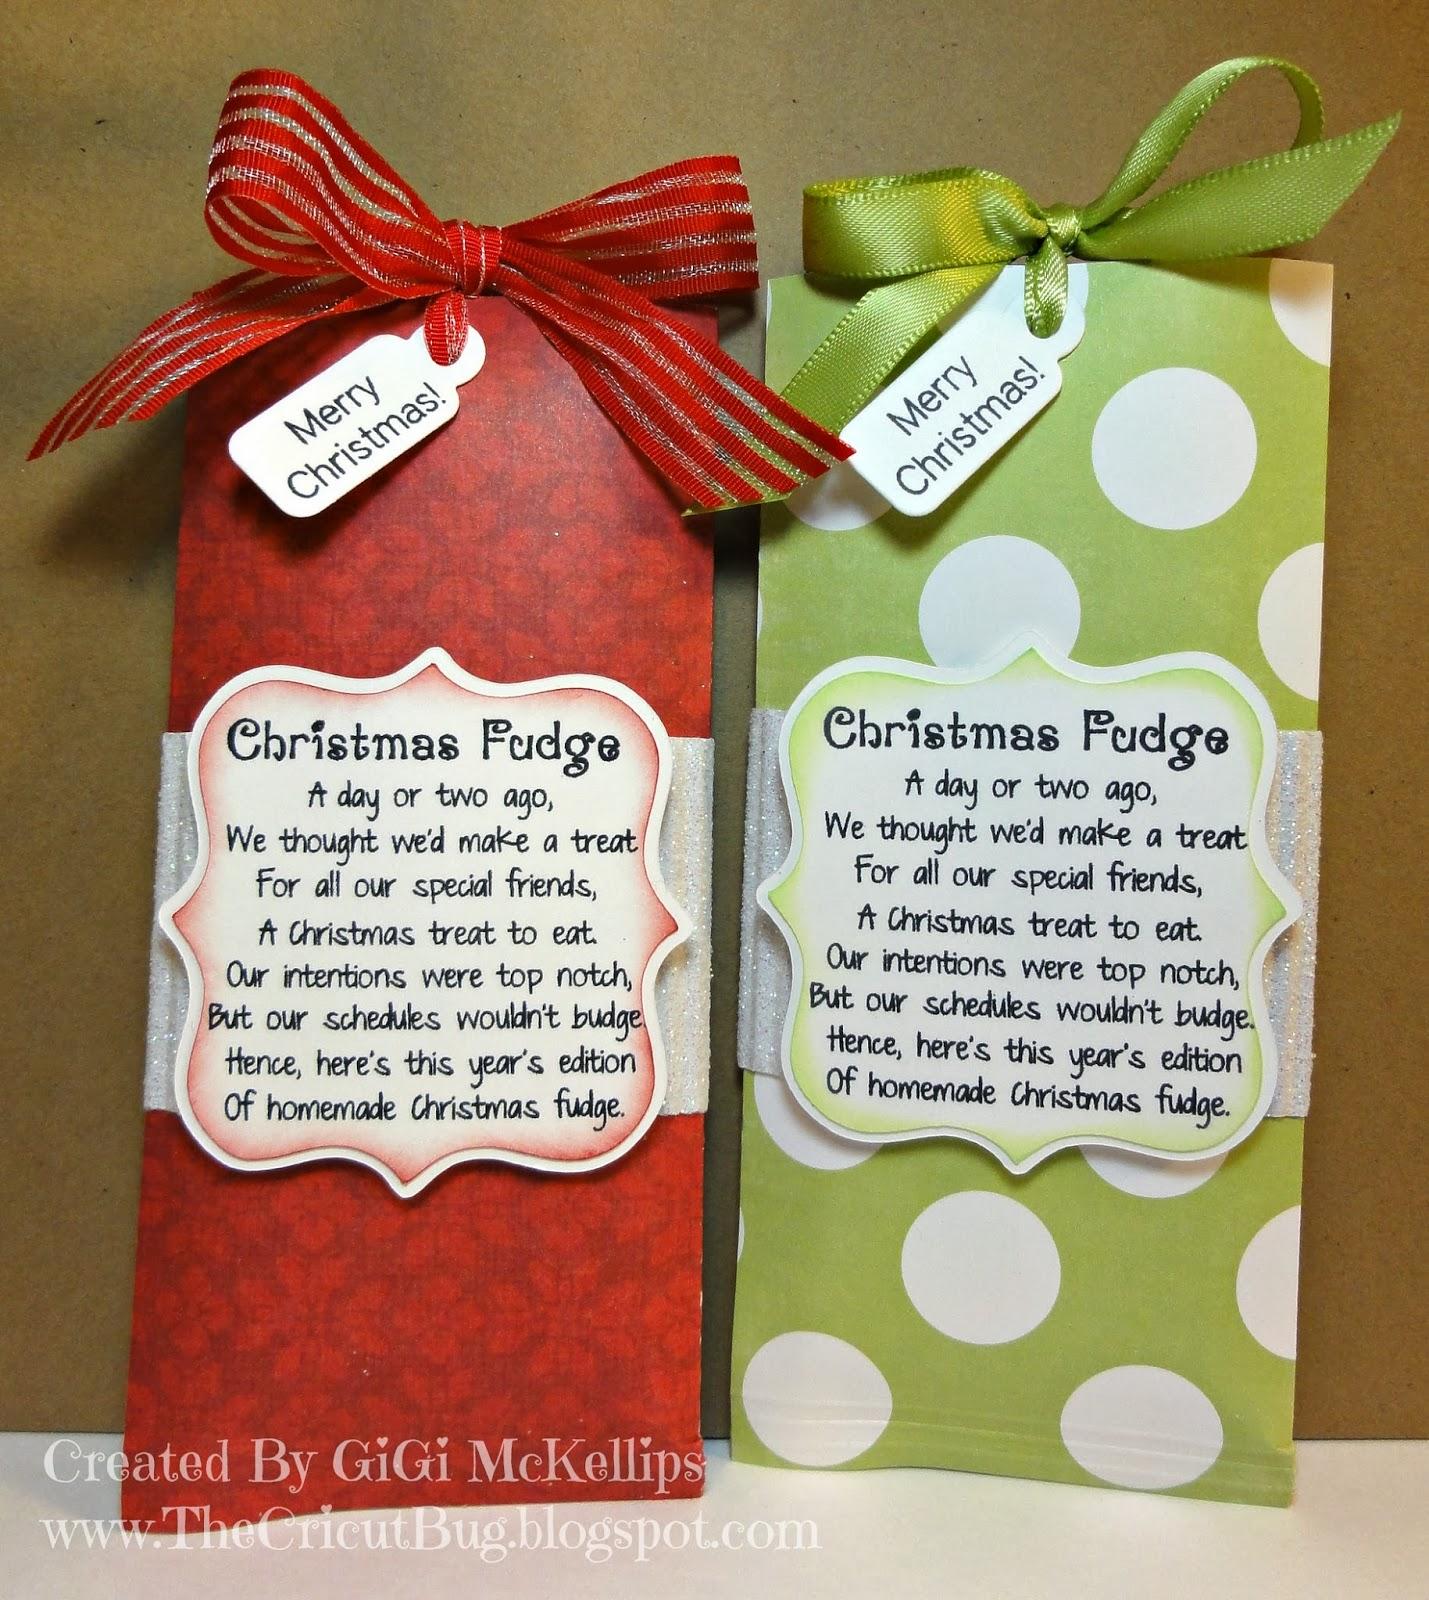 The Cricut Bug: Christmas Fudge